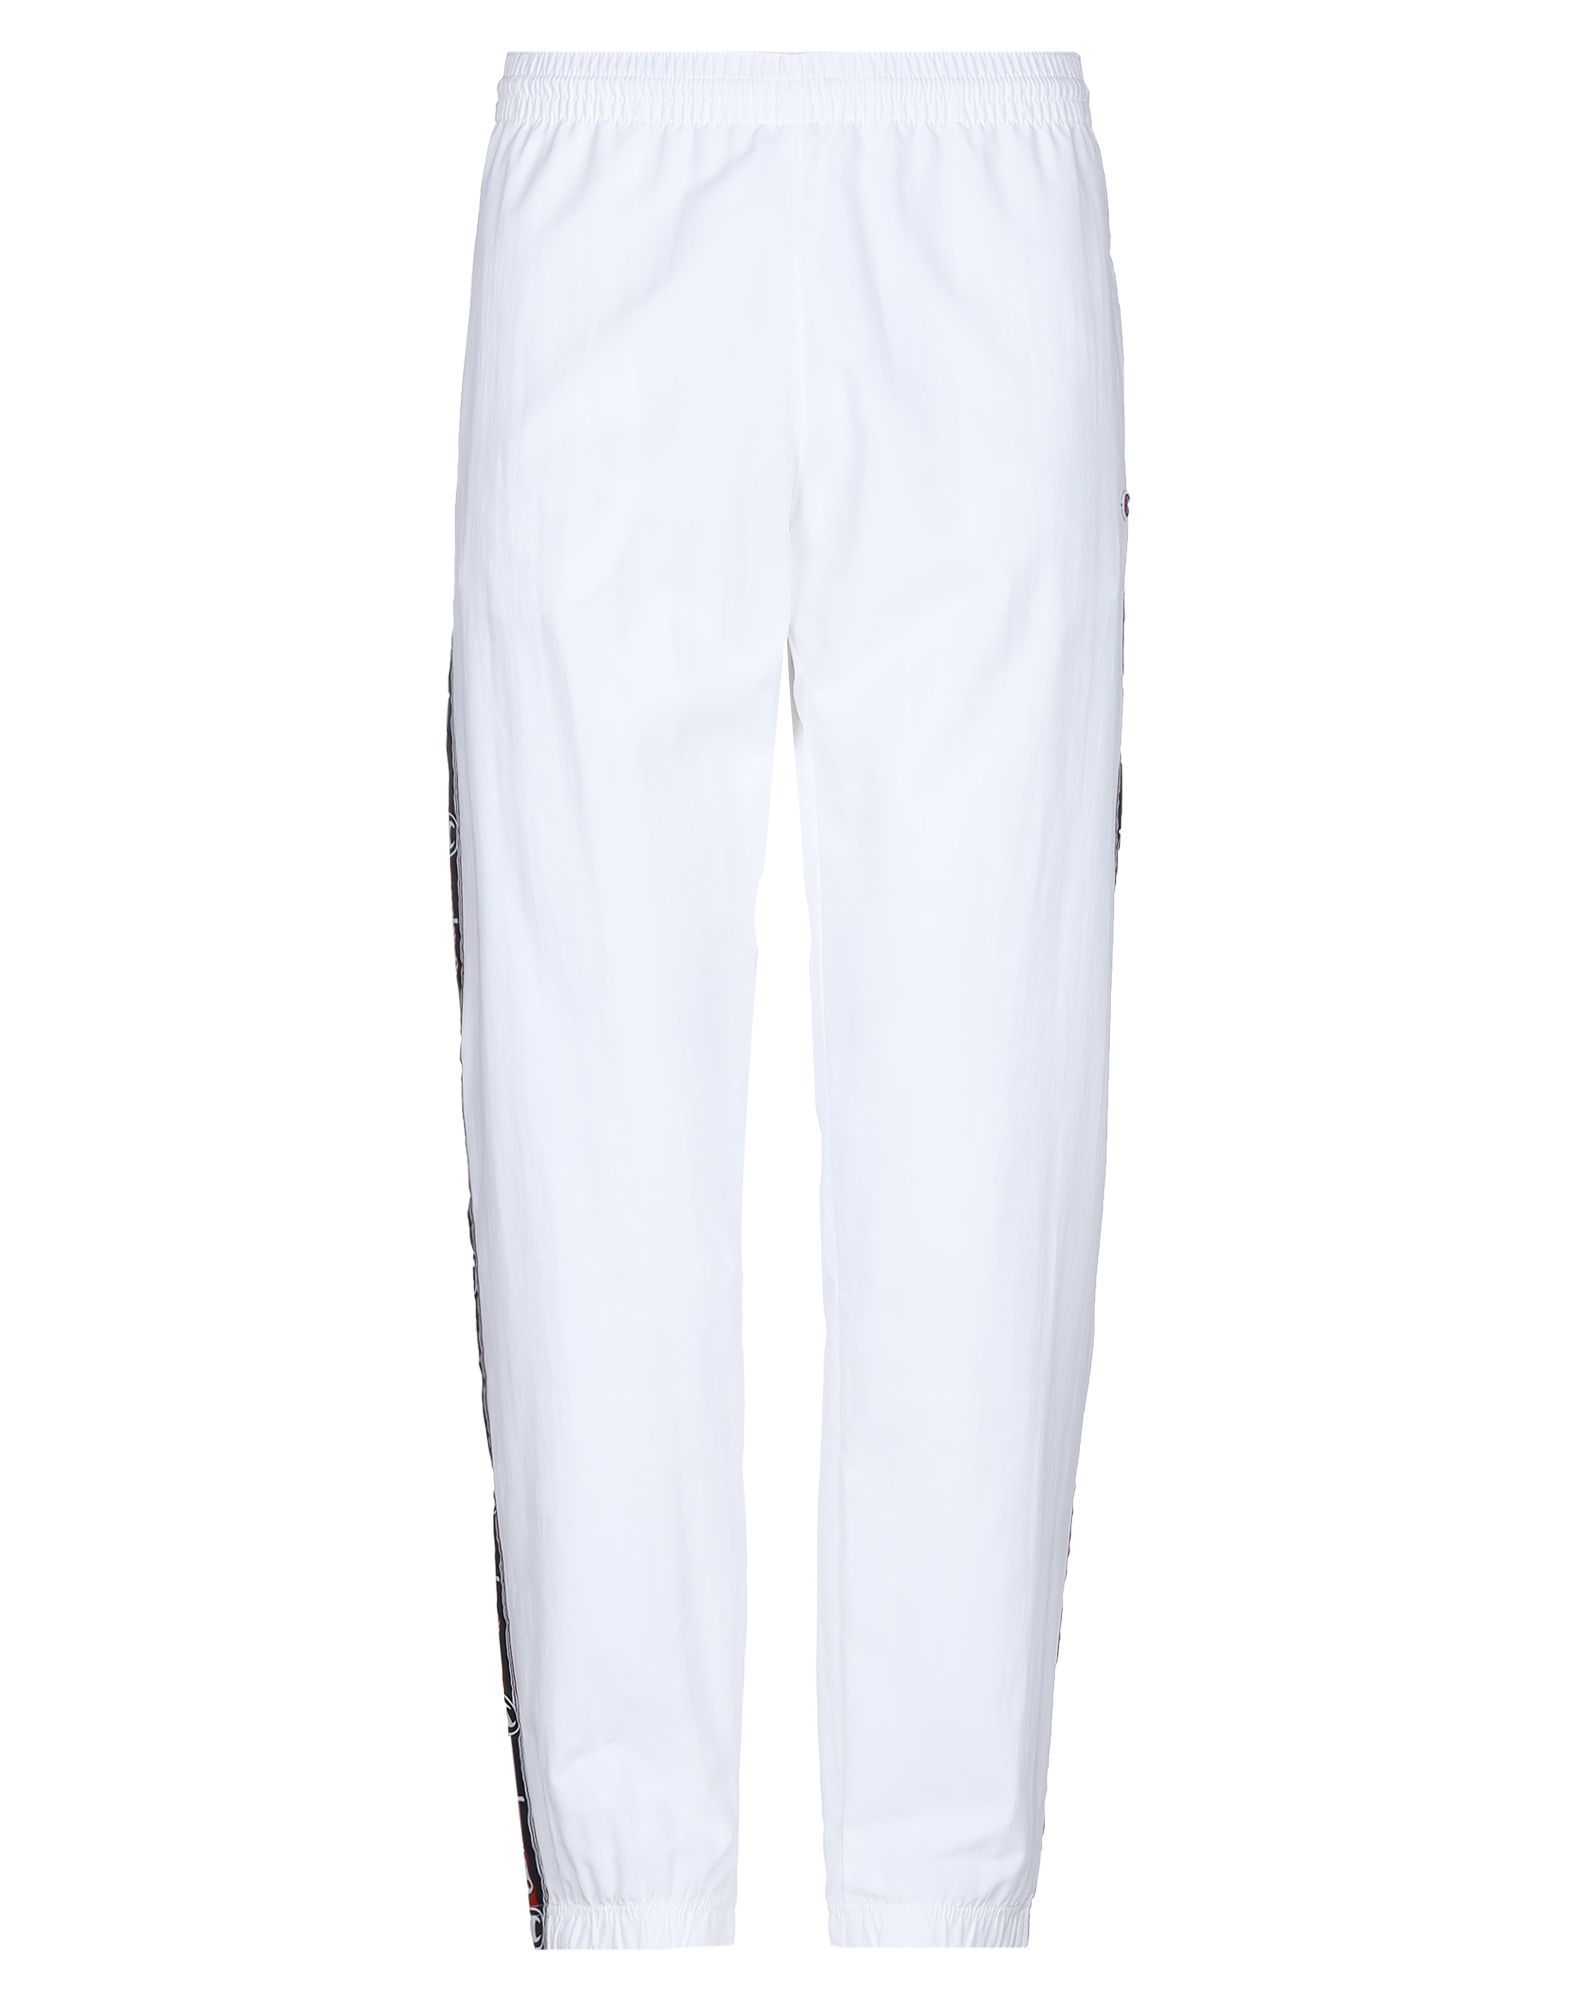 《セール開催中》CHAMPION REVERSE WEAVE メンズ パンツ ホワイト XS ナイロン 100% TAPED LOGO ELASTIC CUFF PANTS